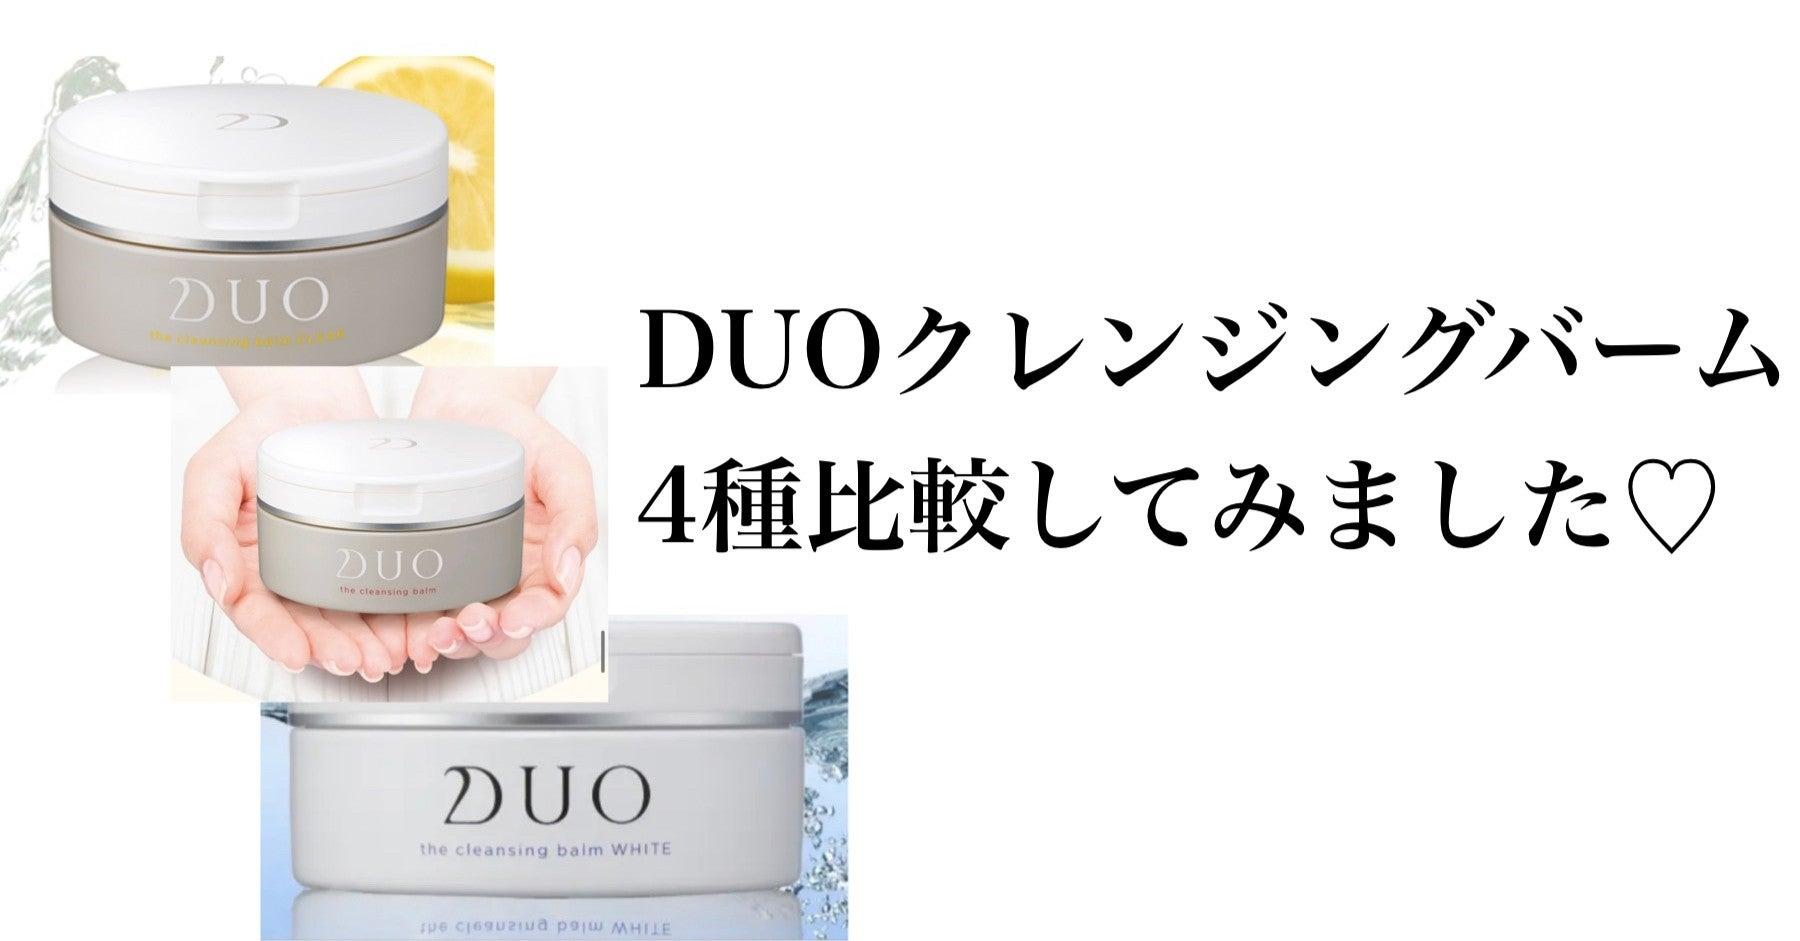 クレンジング バーム Duo